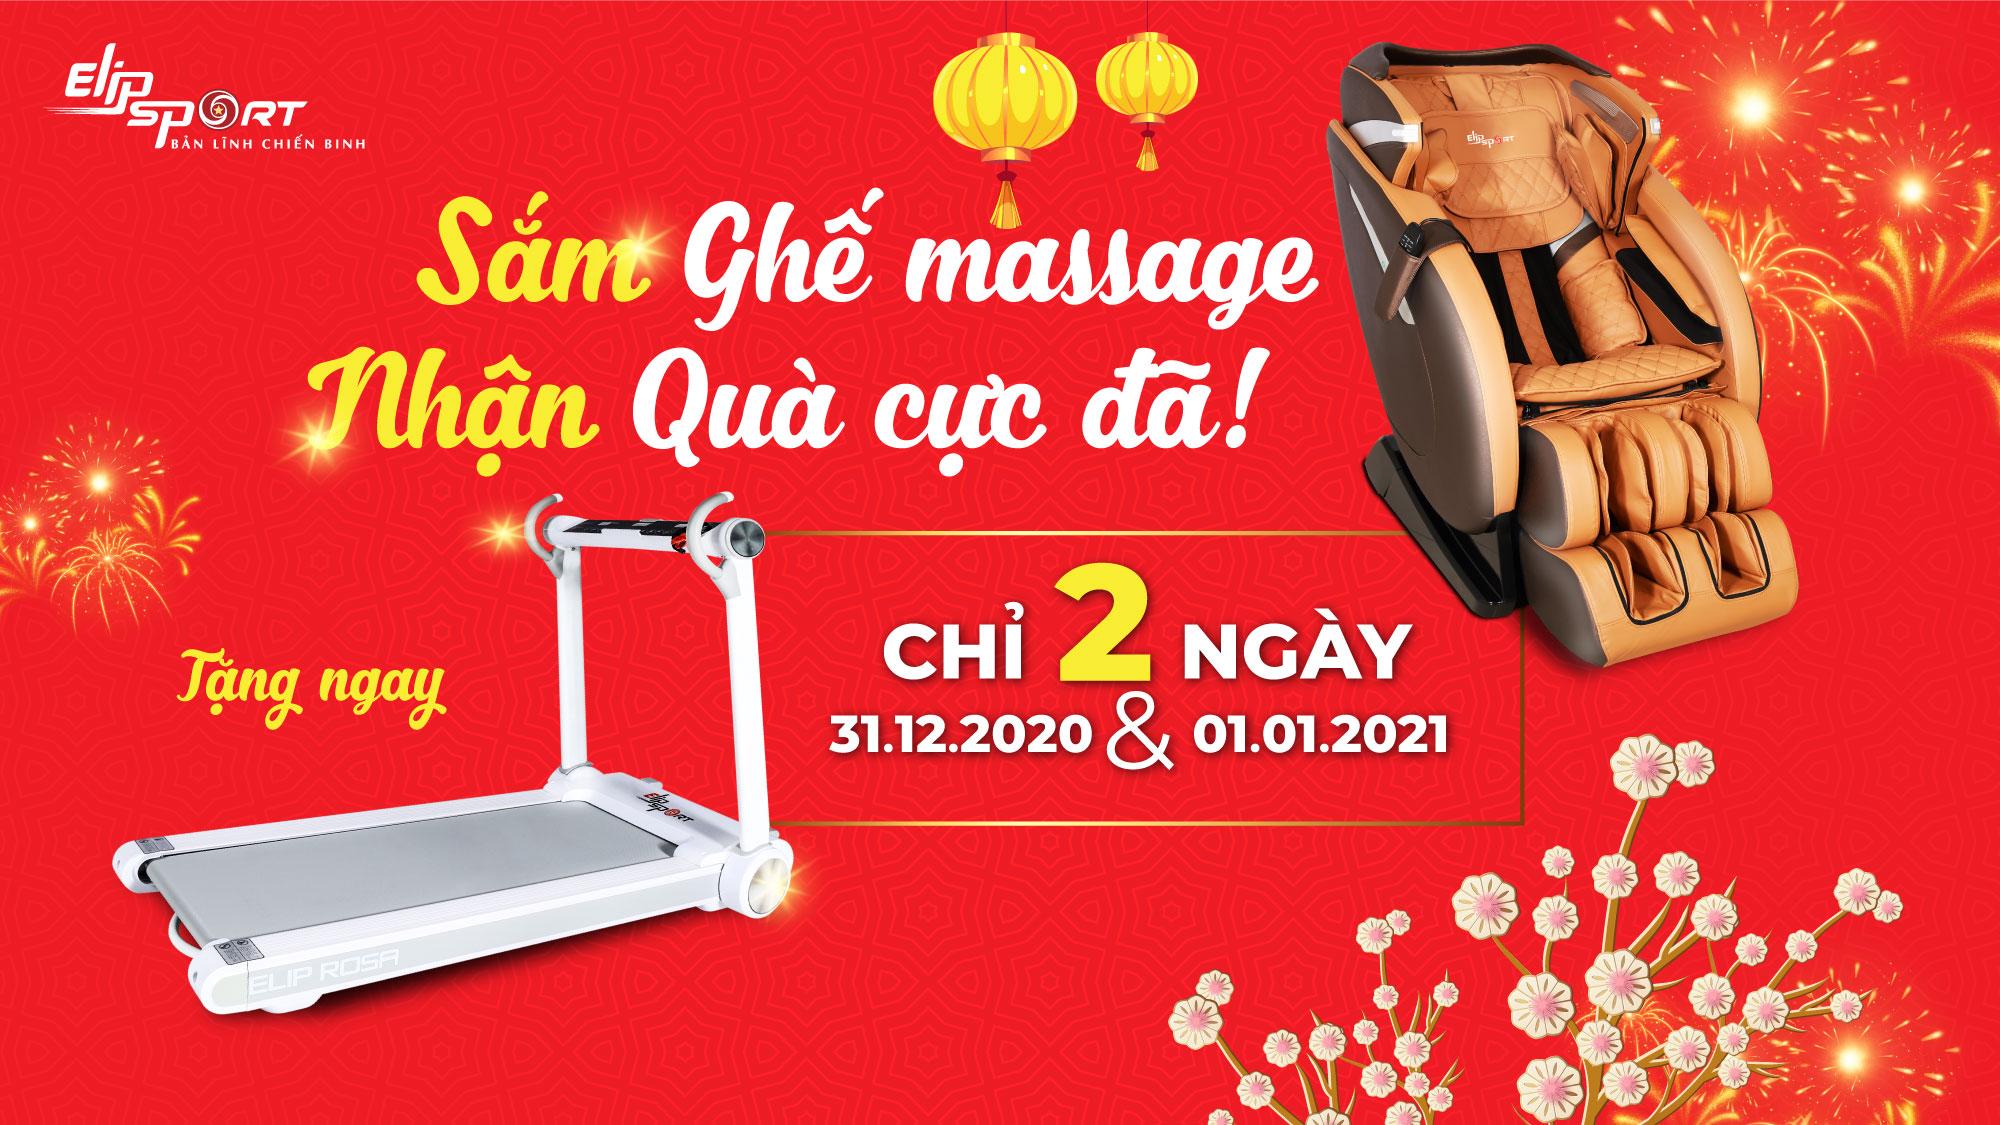 Mua ghế massage tặng máy chạy bộ ELIP